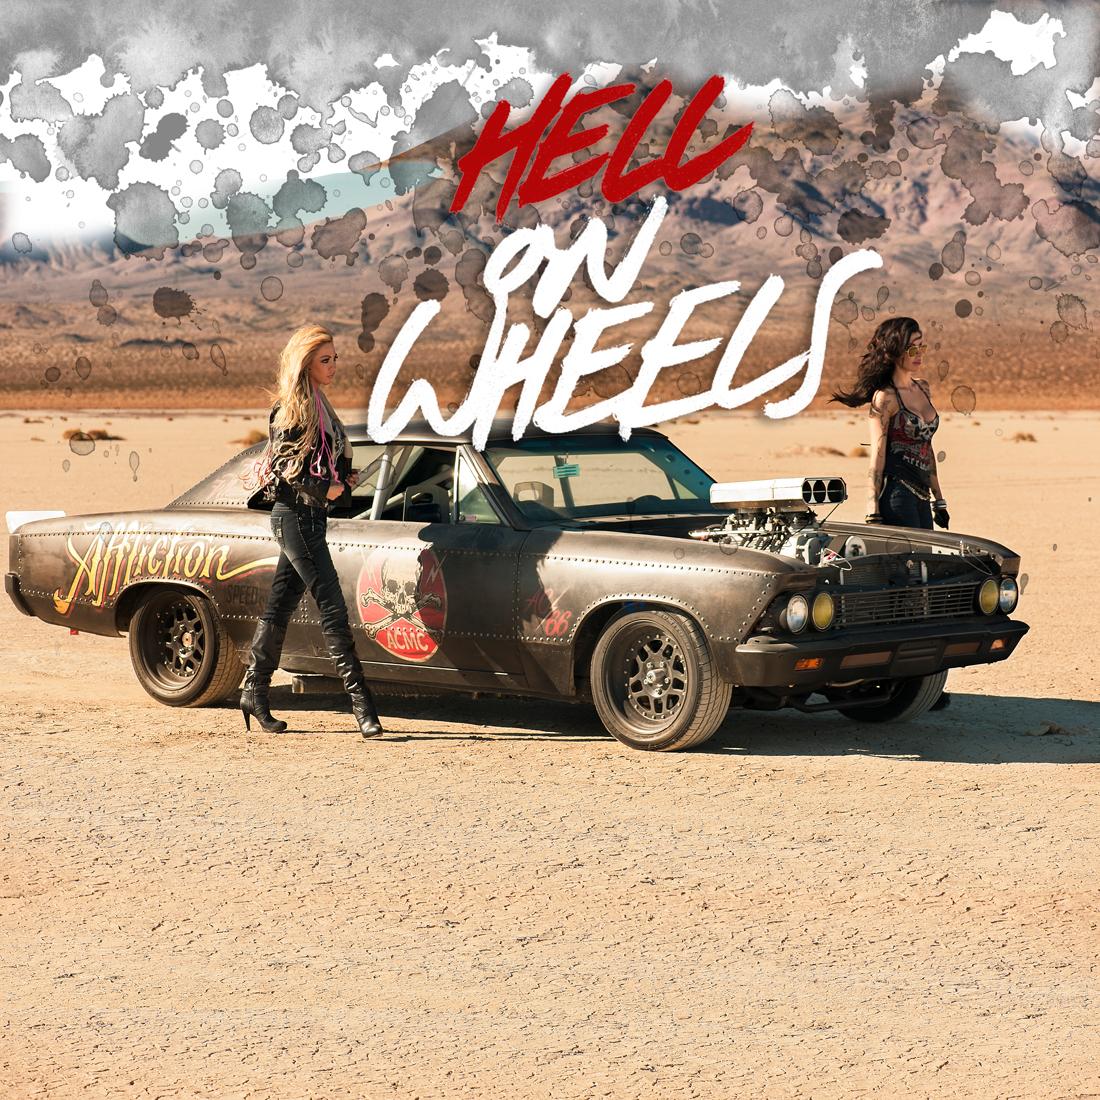 Hell on wheels in desert 2 girls